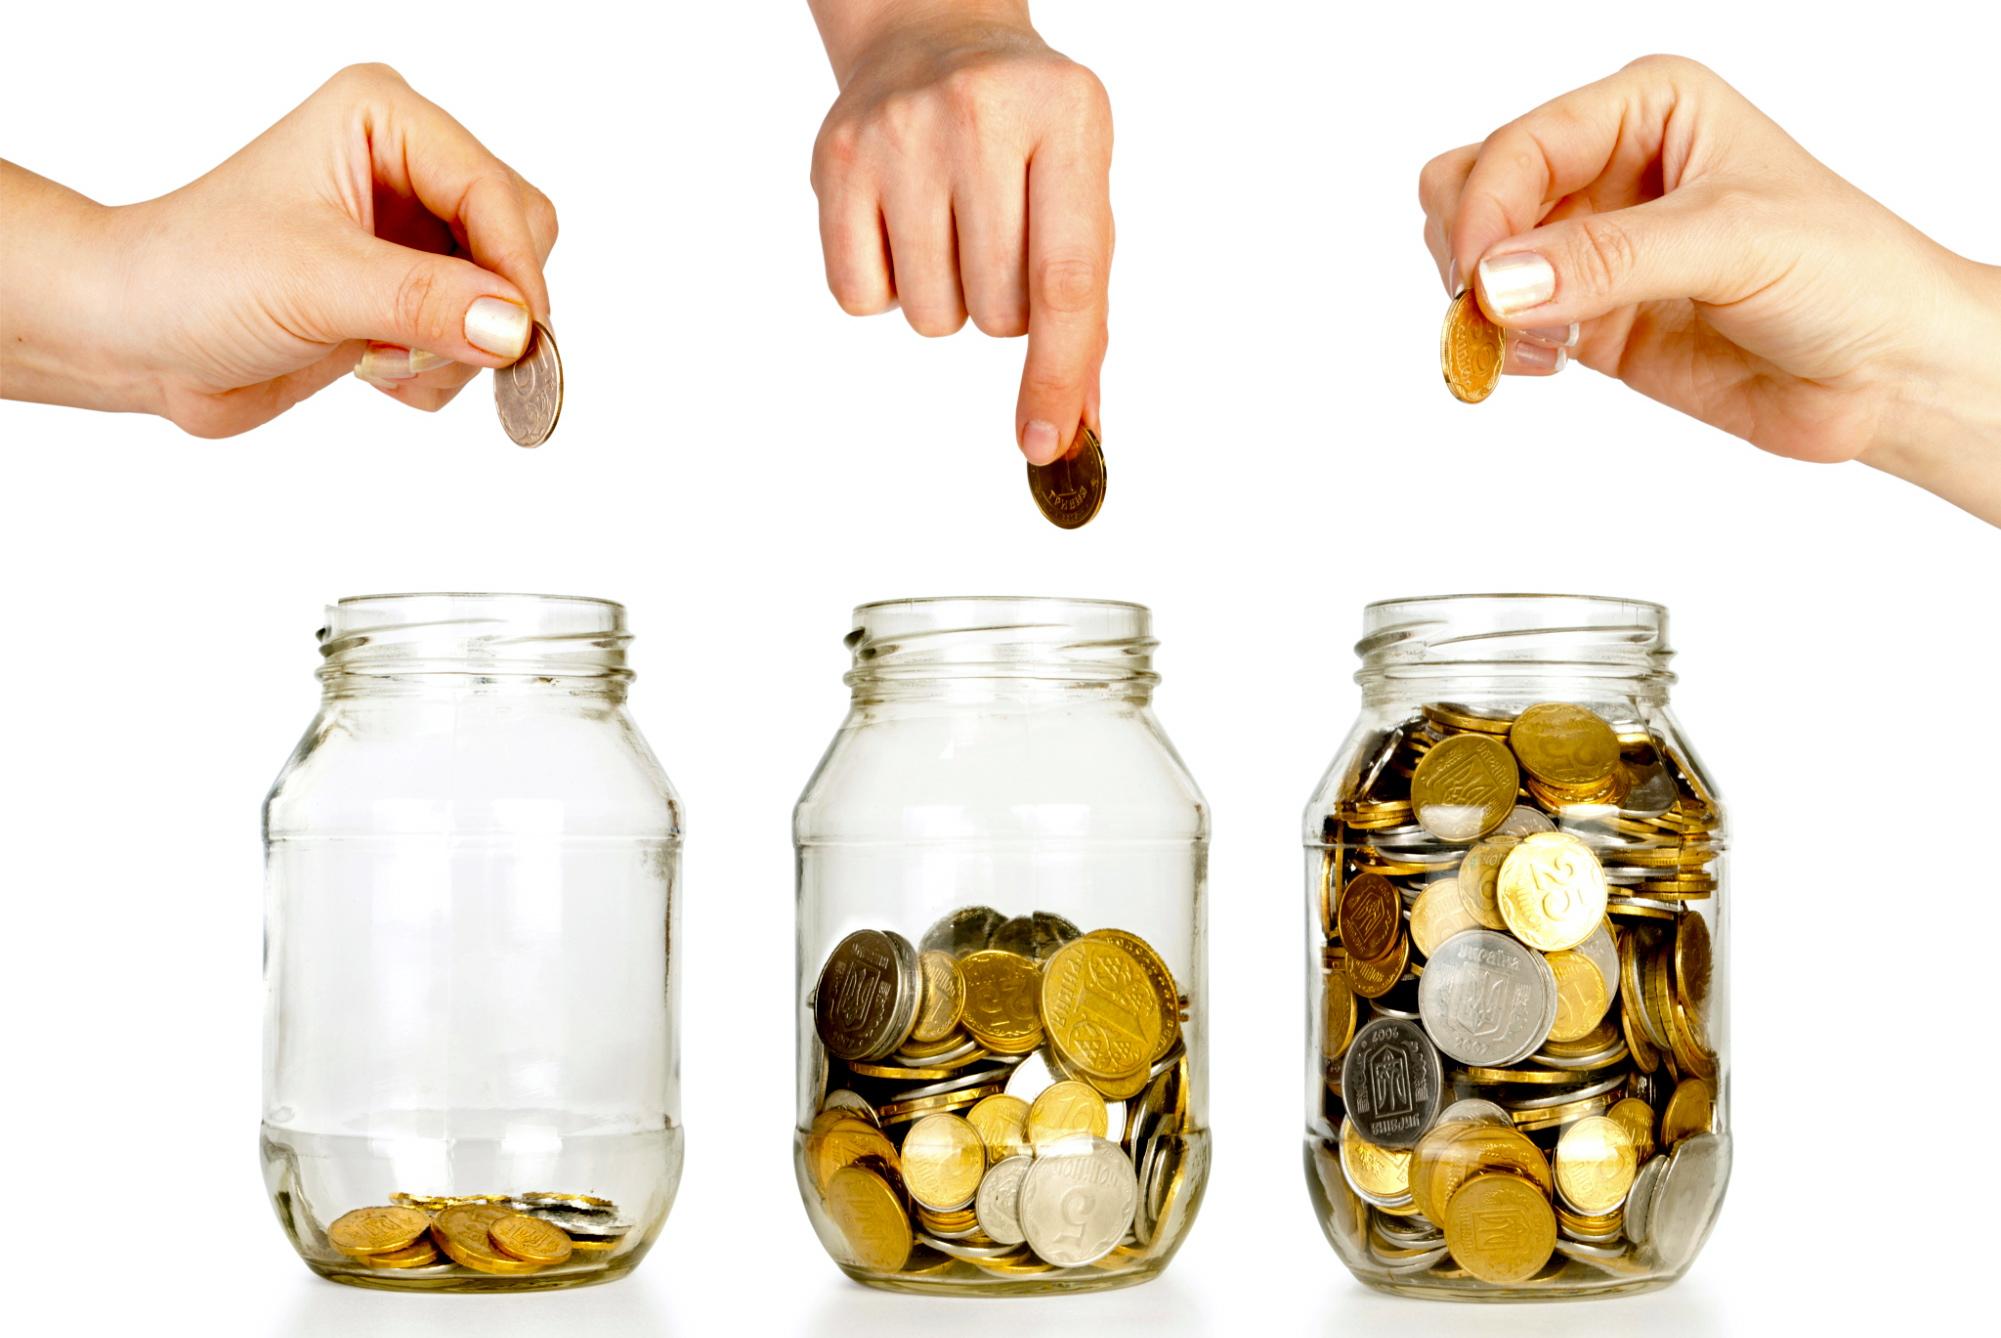 ۳ روش متفاوت و جالب پسانداز پول که حتی برای ولخرجها هم کاربرد دارد